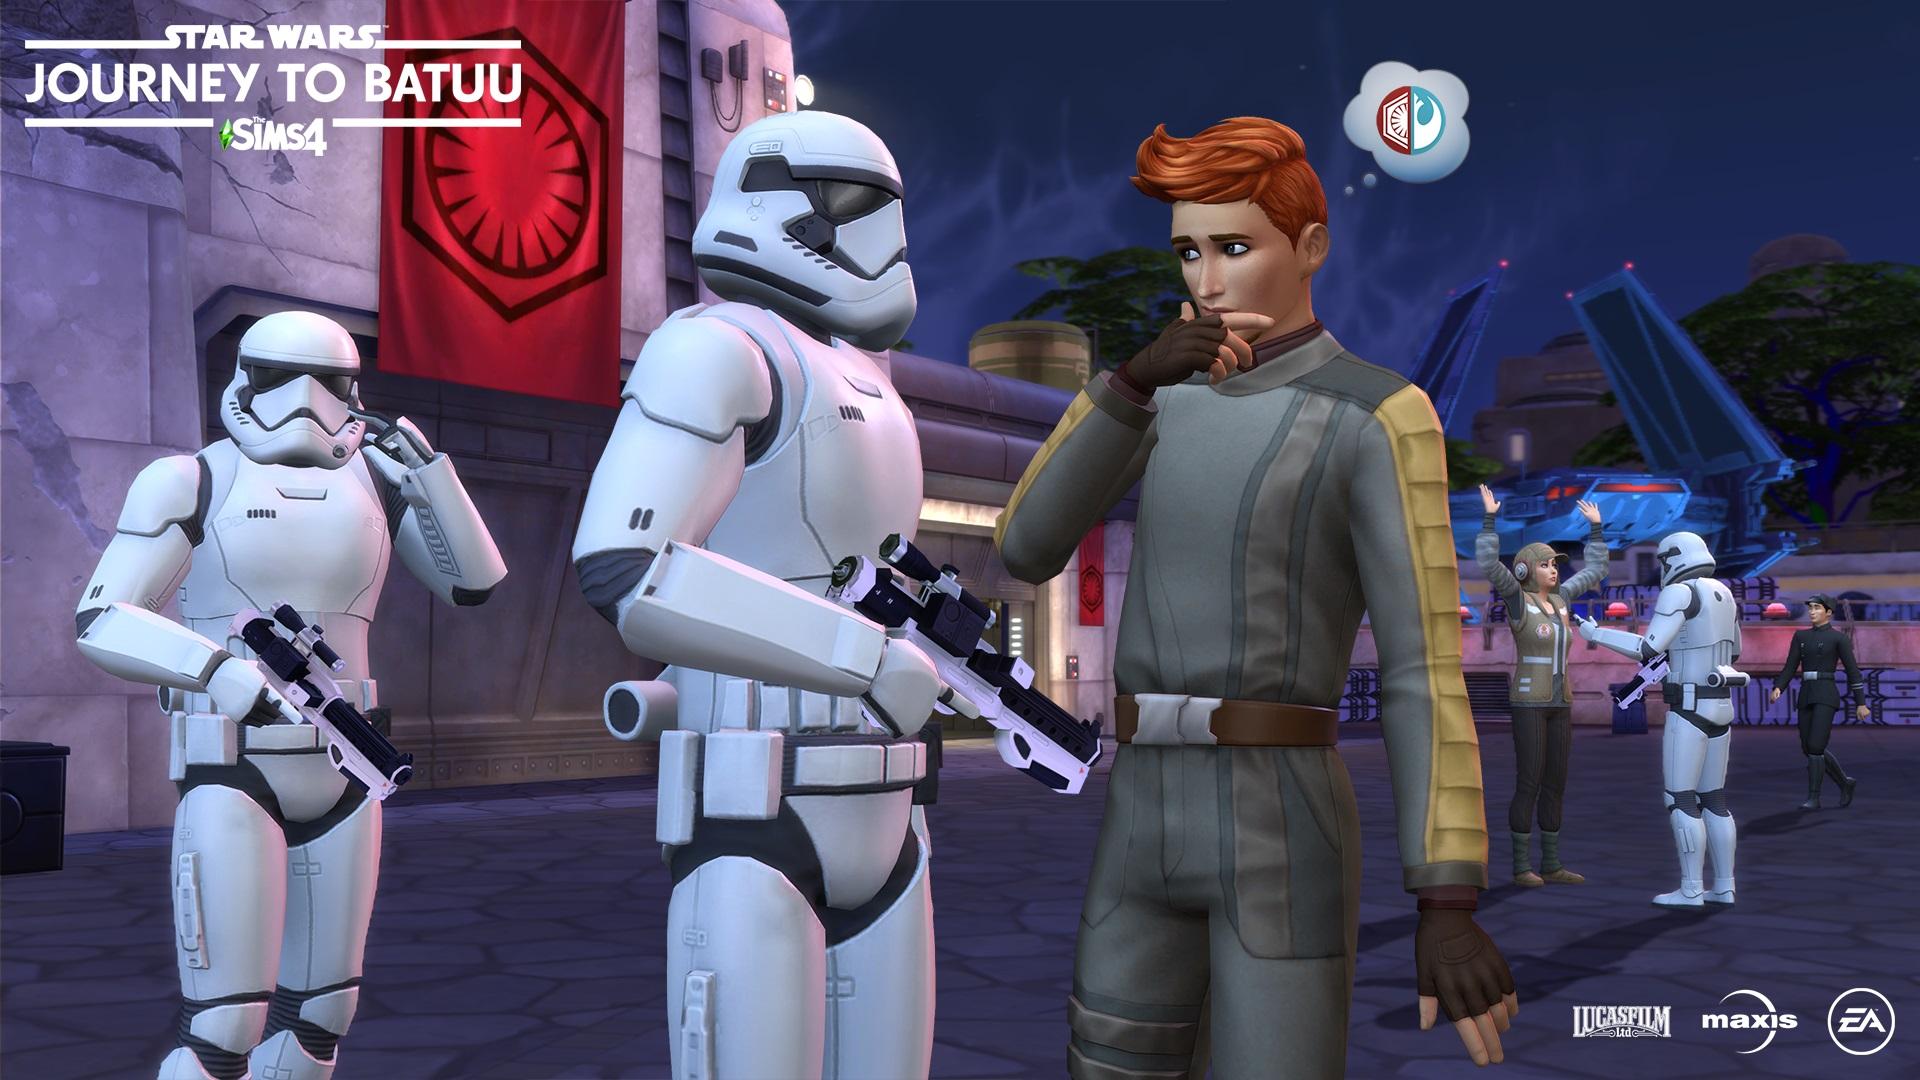 Les Sims 4 Star Wars Voyage sur Batuu arrive le 8 Septembre